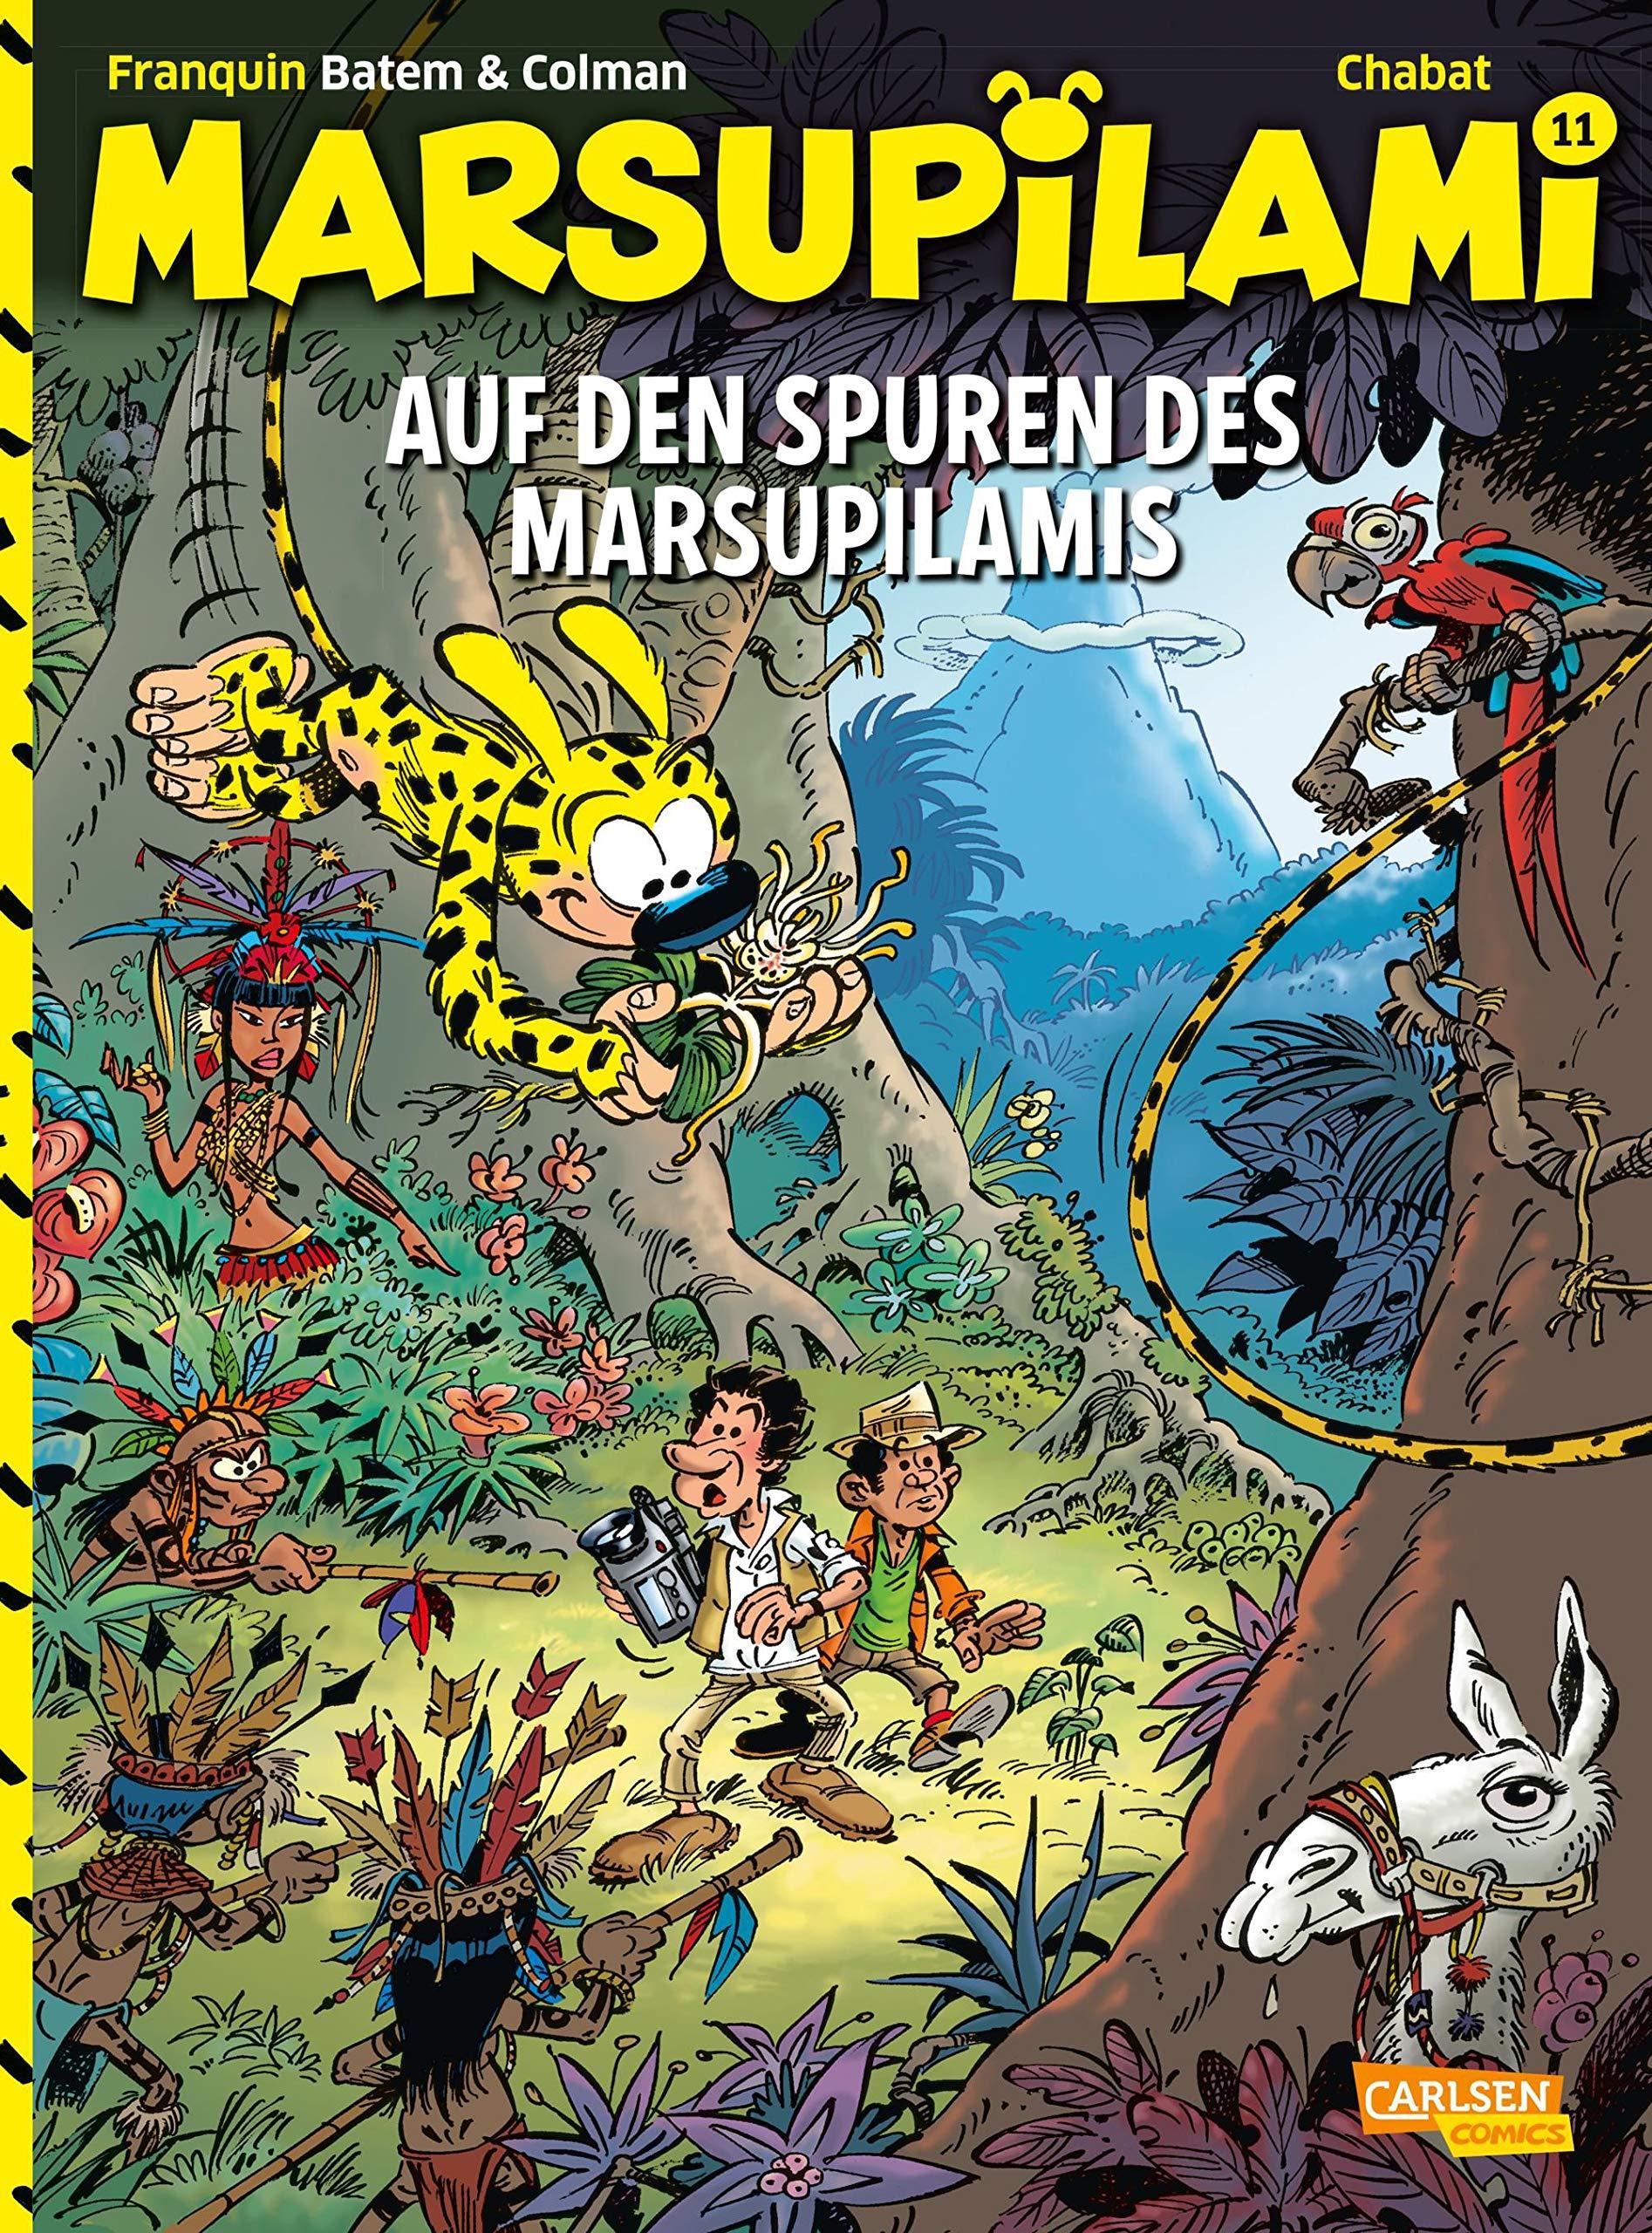 Marsupilami 11: Auf den Spuren des Marsupilamis (11)